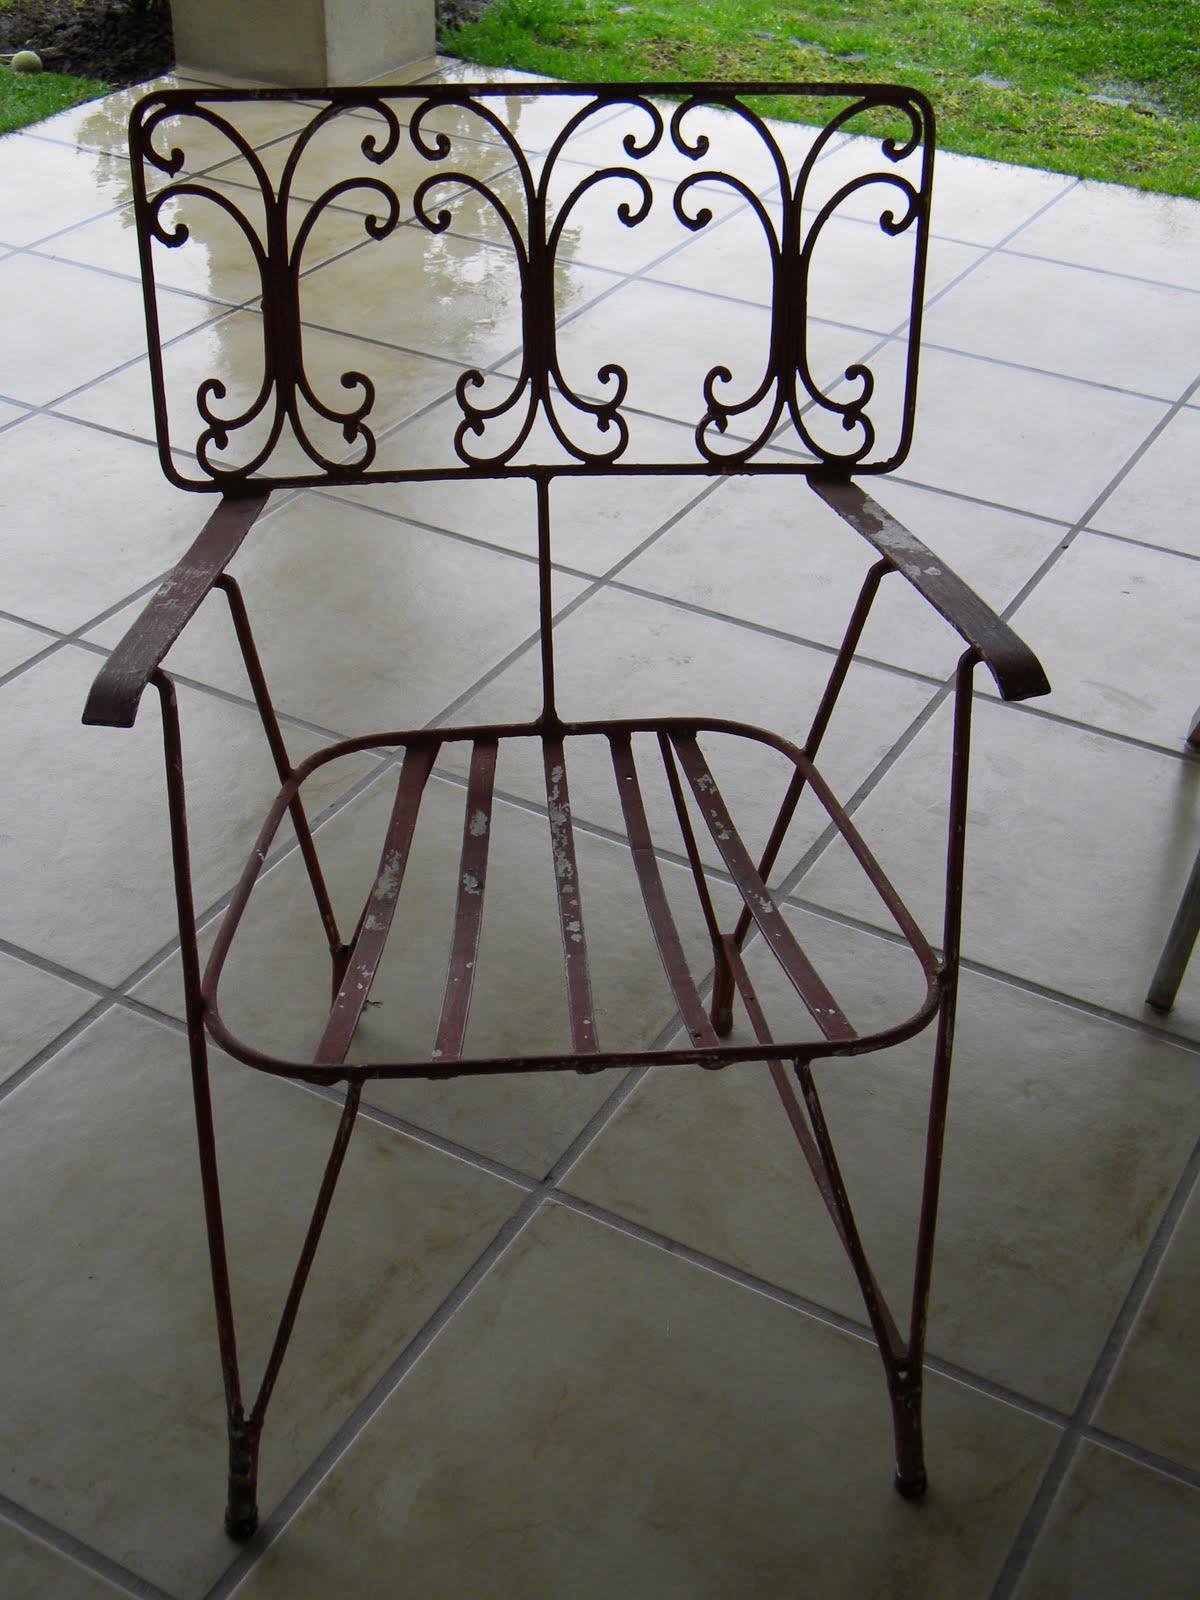 Tienda de garage encontrados par de sillas antiguas de for Sillas de jardin de hierro